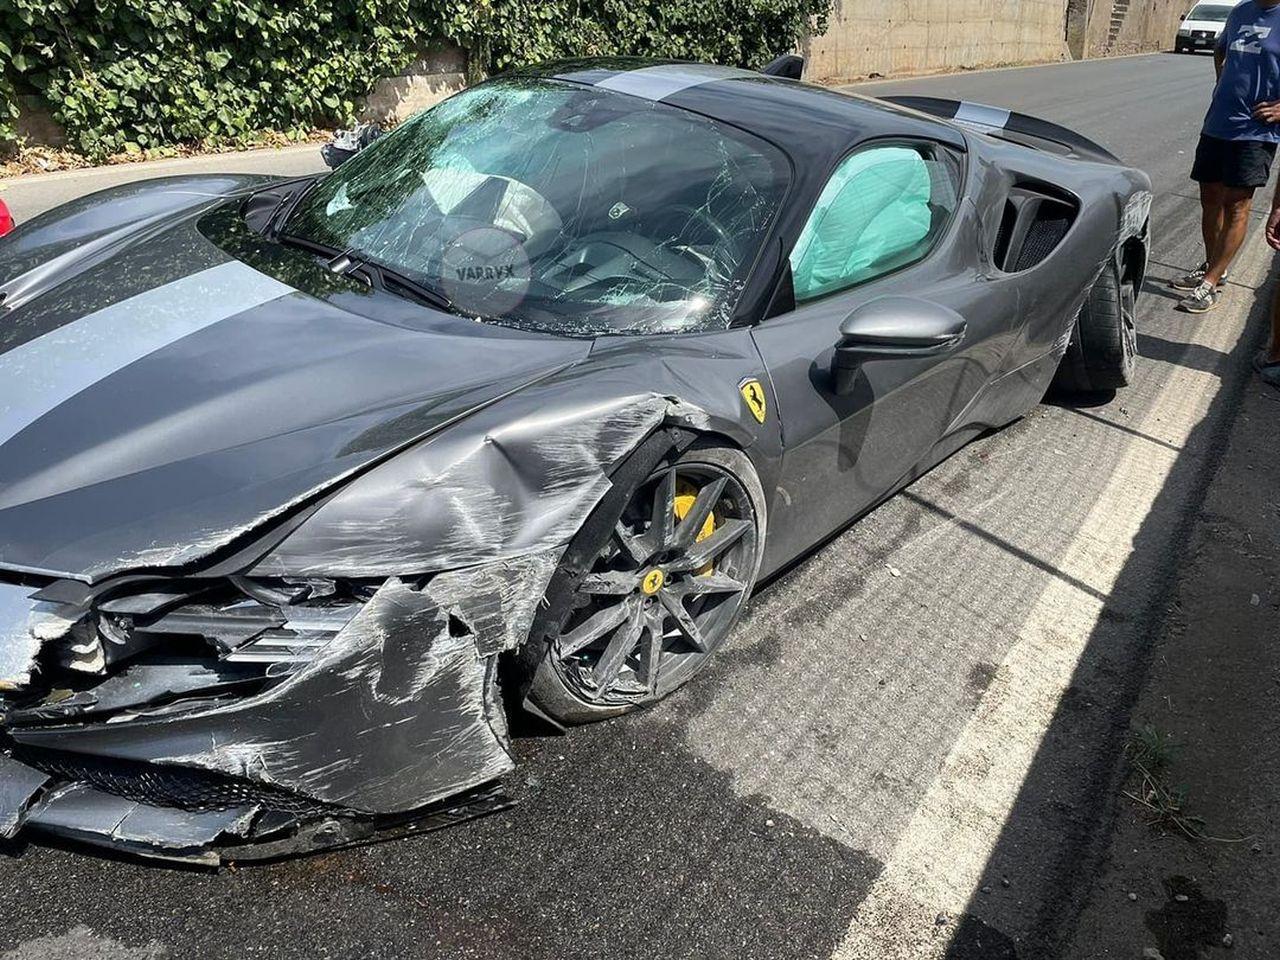 Ferrari SF90 Stradale Assetto Fiorano-crash-Italy-2